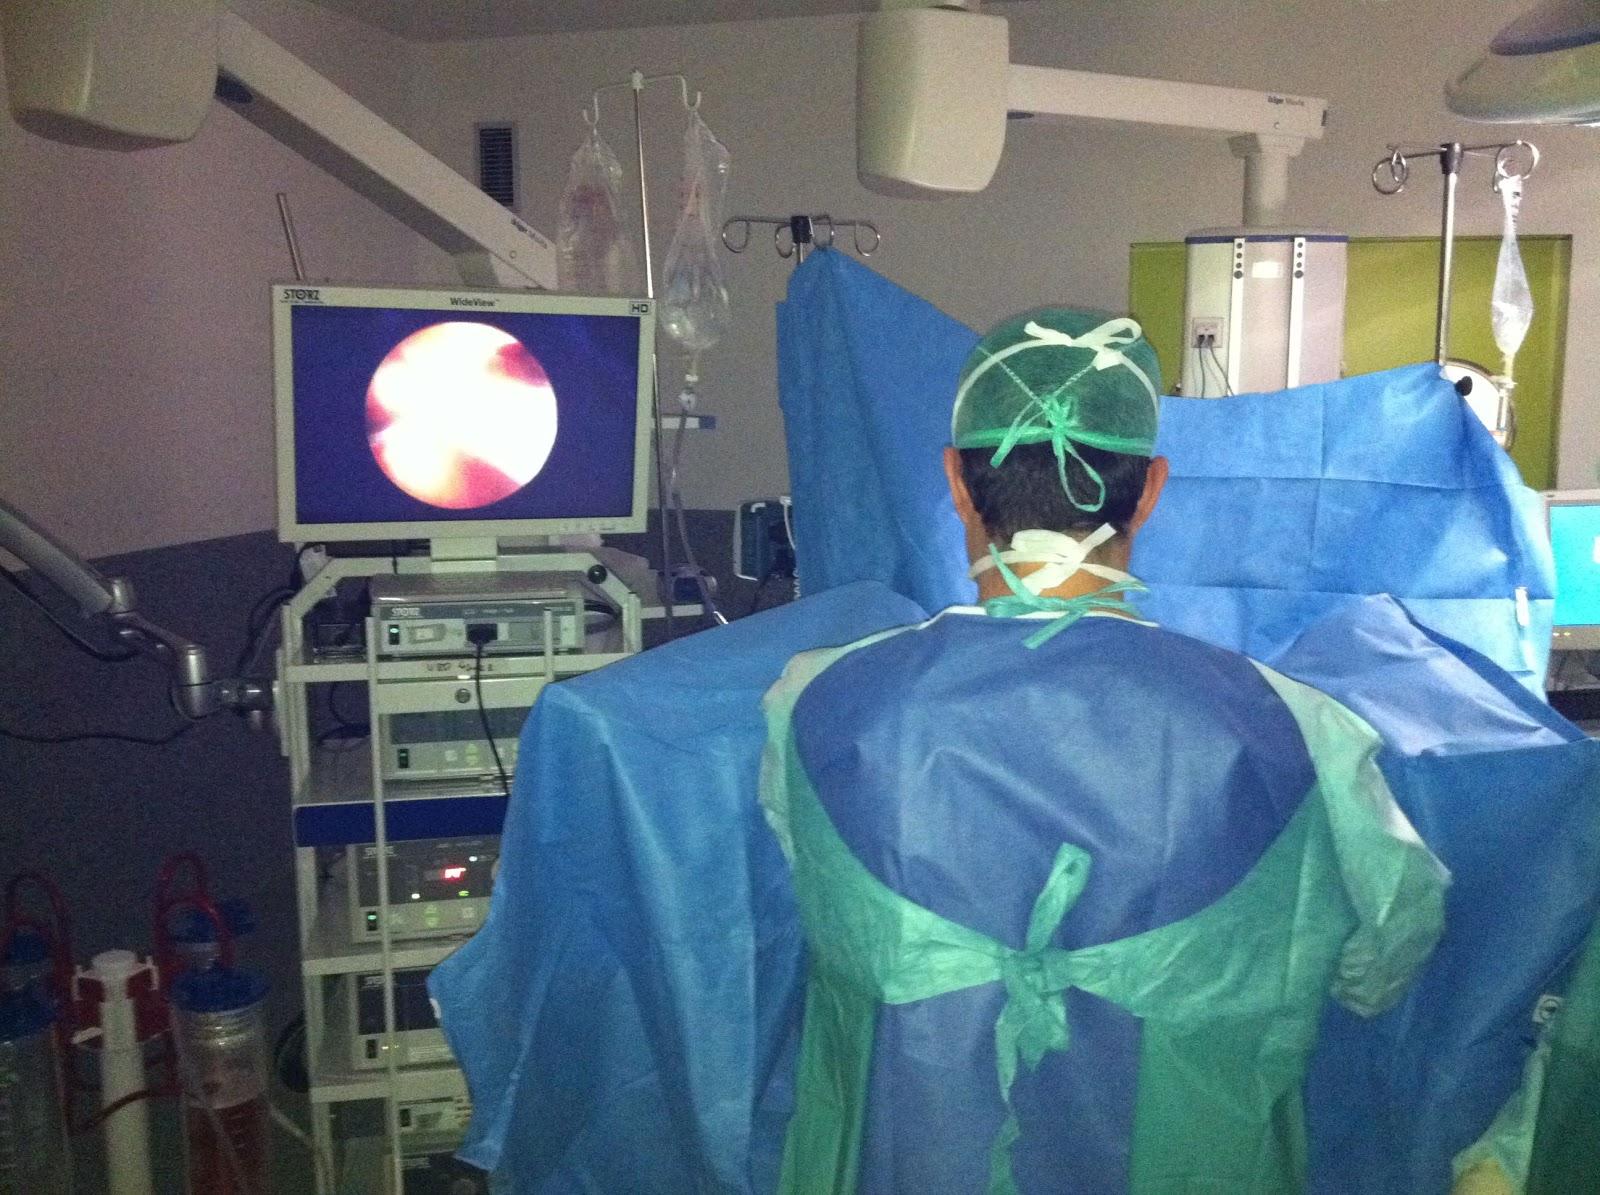 imágenes de urolift para tratamiento de próstata